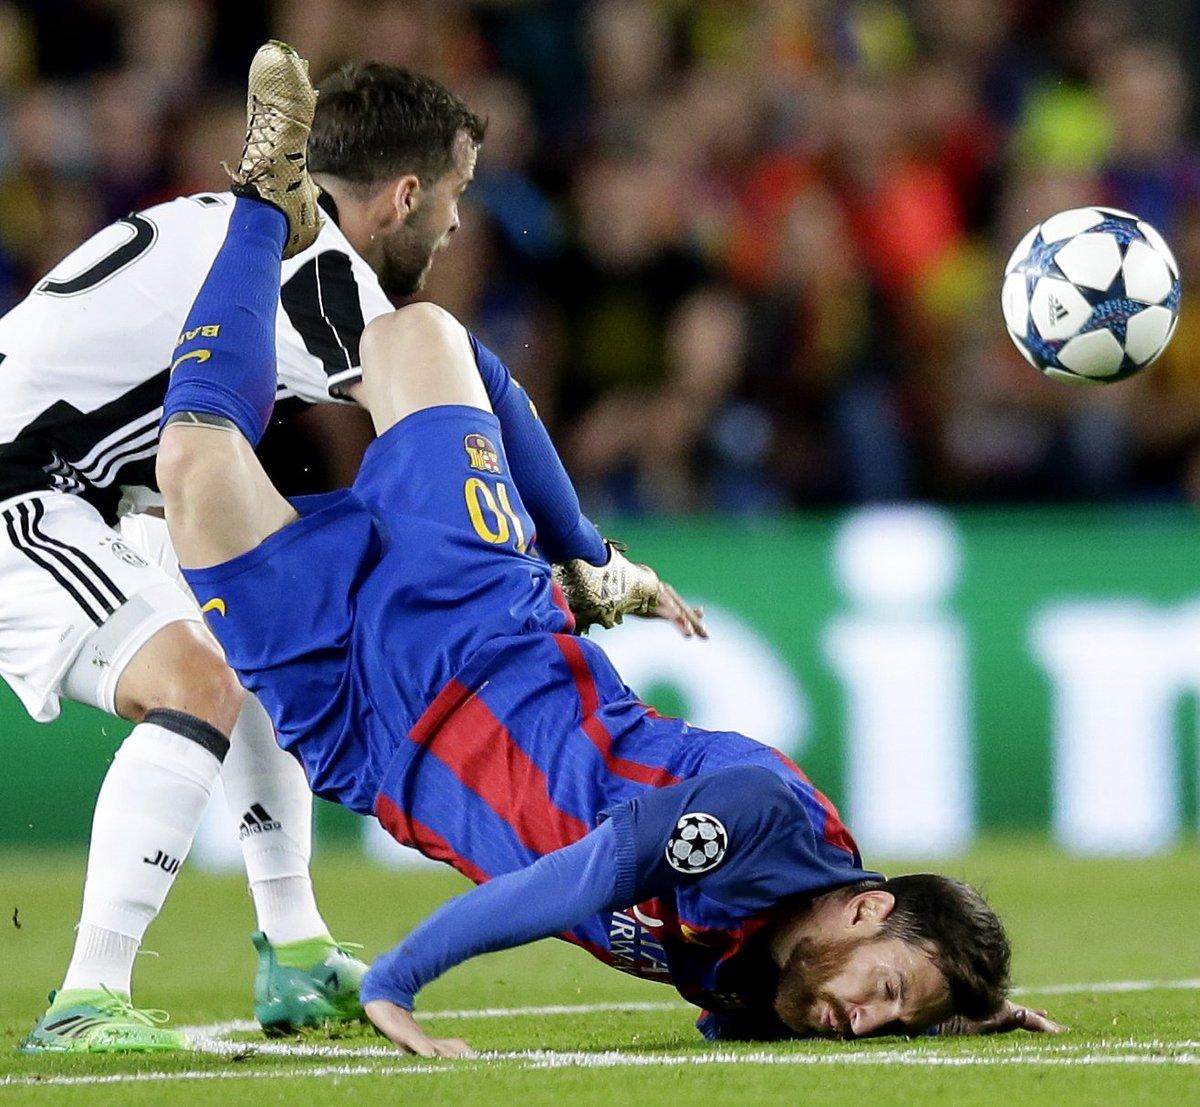 Wajah penyerang Barcelona Lionel Messi menghantam tanah setelah kalah berduel dengan gelandang Juventus, Miralem Pjanic, di Stadion Camp Nou, Kamis (20/4/2017).